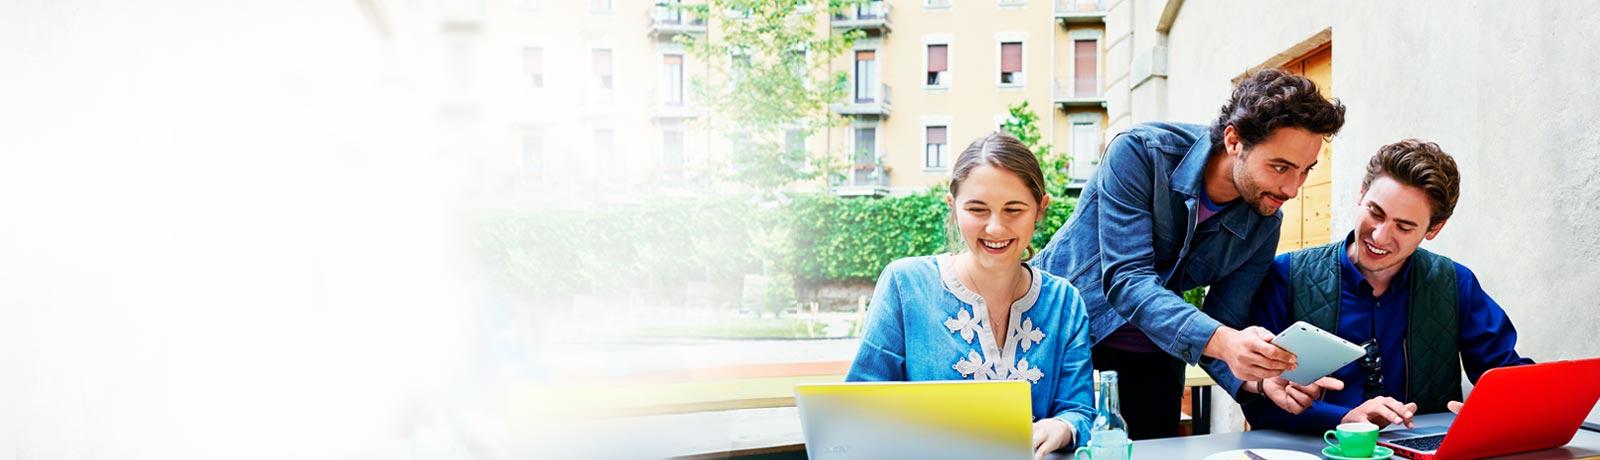 Una mujer y dos hombres trabajando juntos con equipos portátiles y una tableta en un café al aire libre.